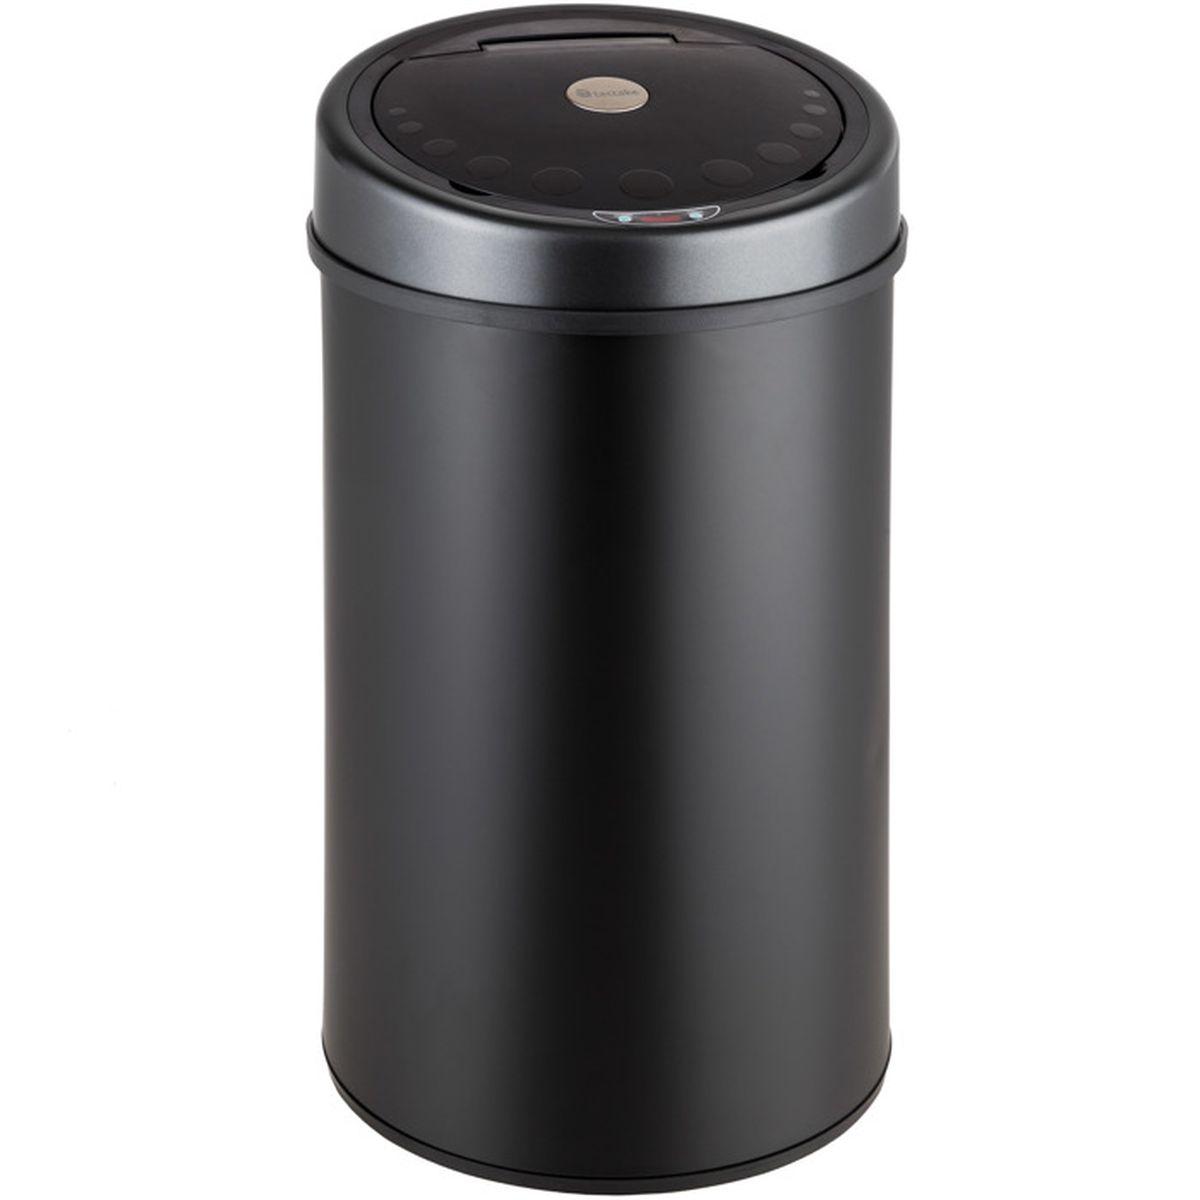 poubelle cuisine - achat / vente poubelle cuisine pas cher - les ... - Poubelle Cuisine 50l Design